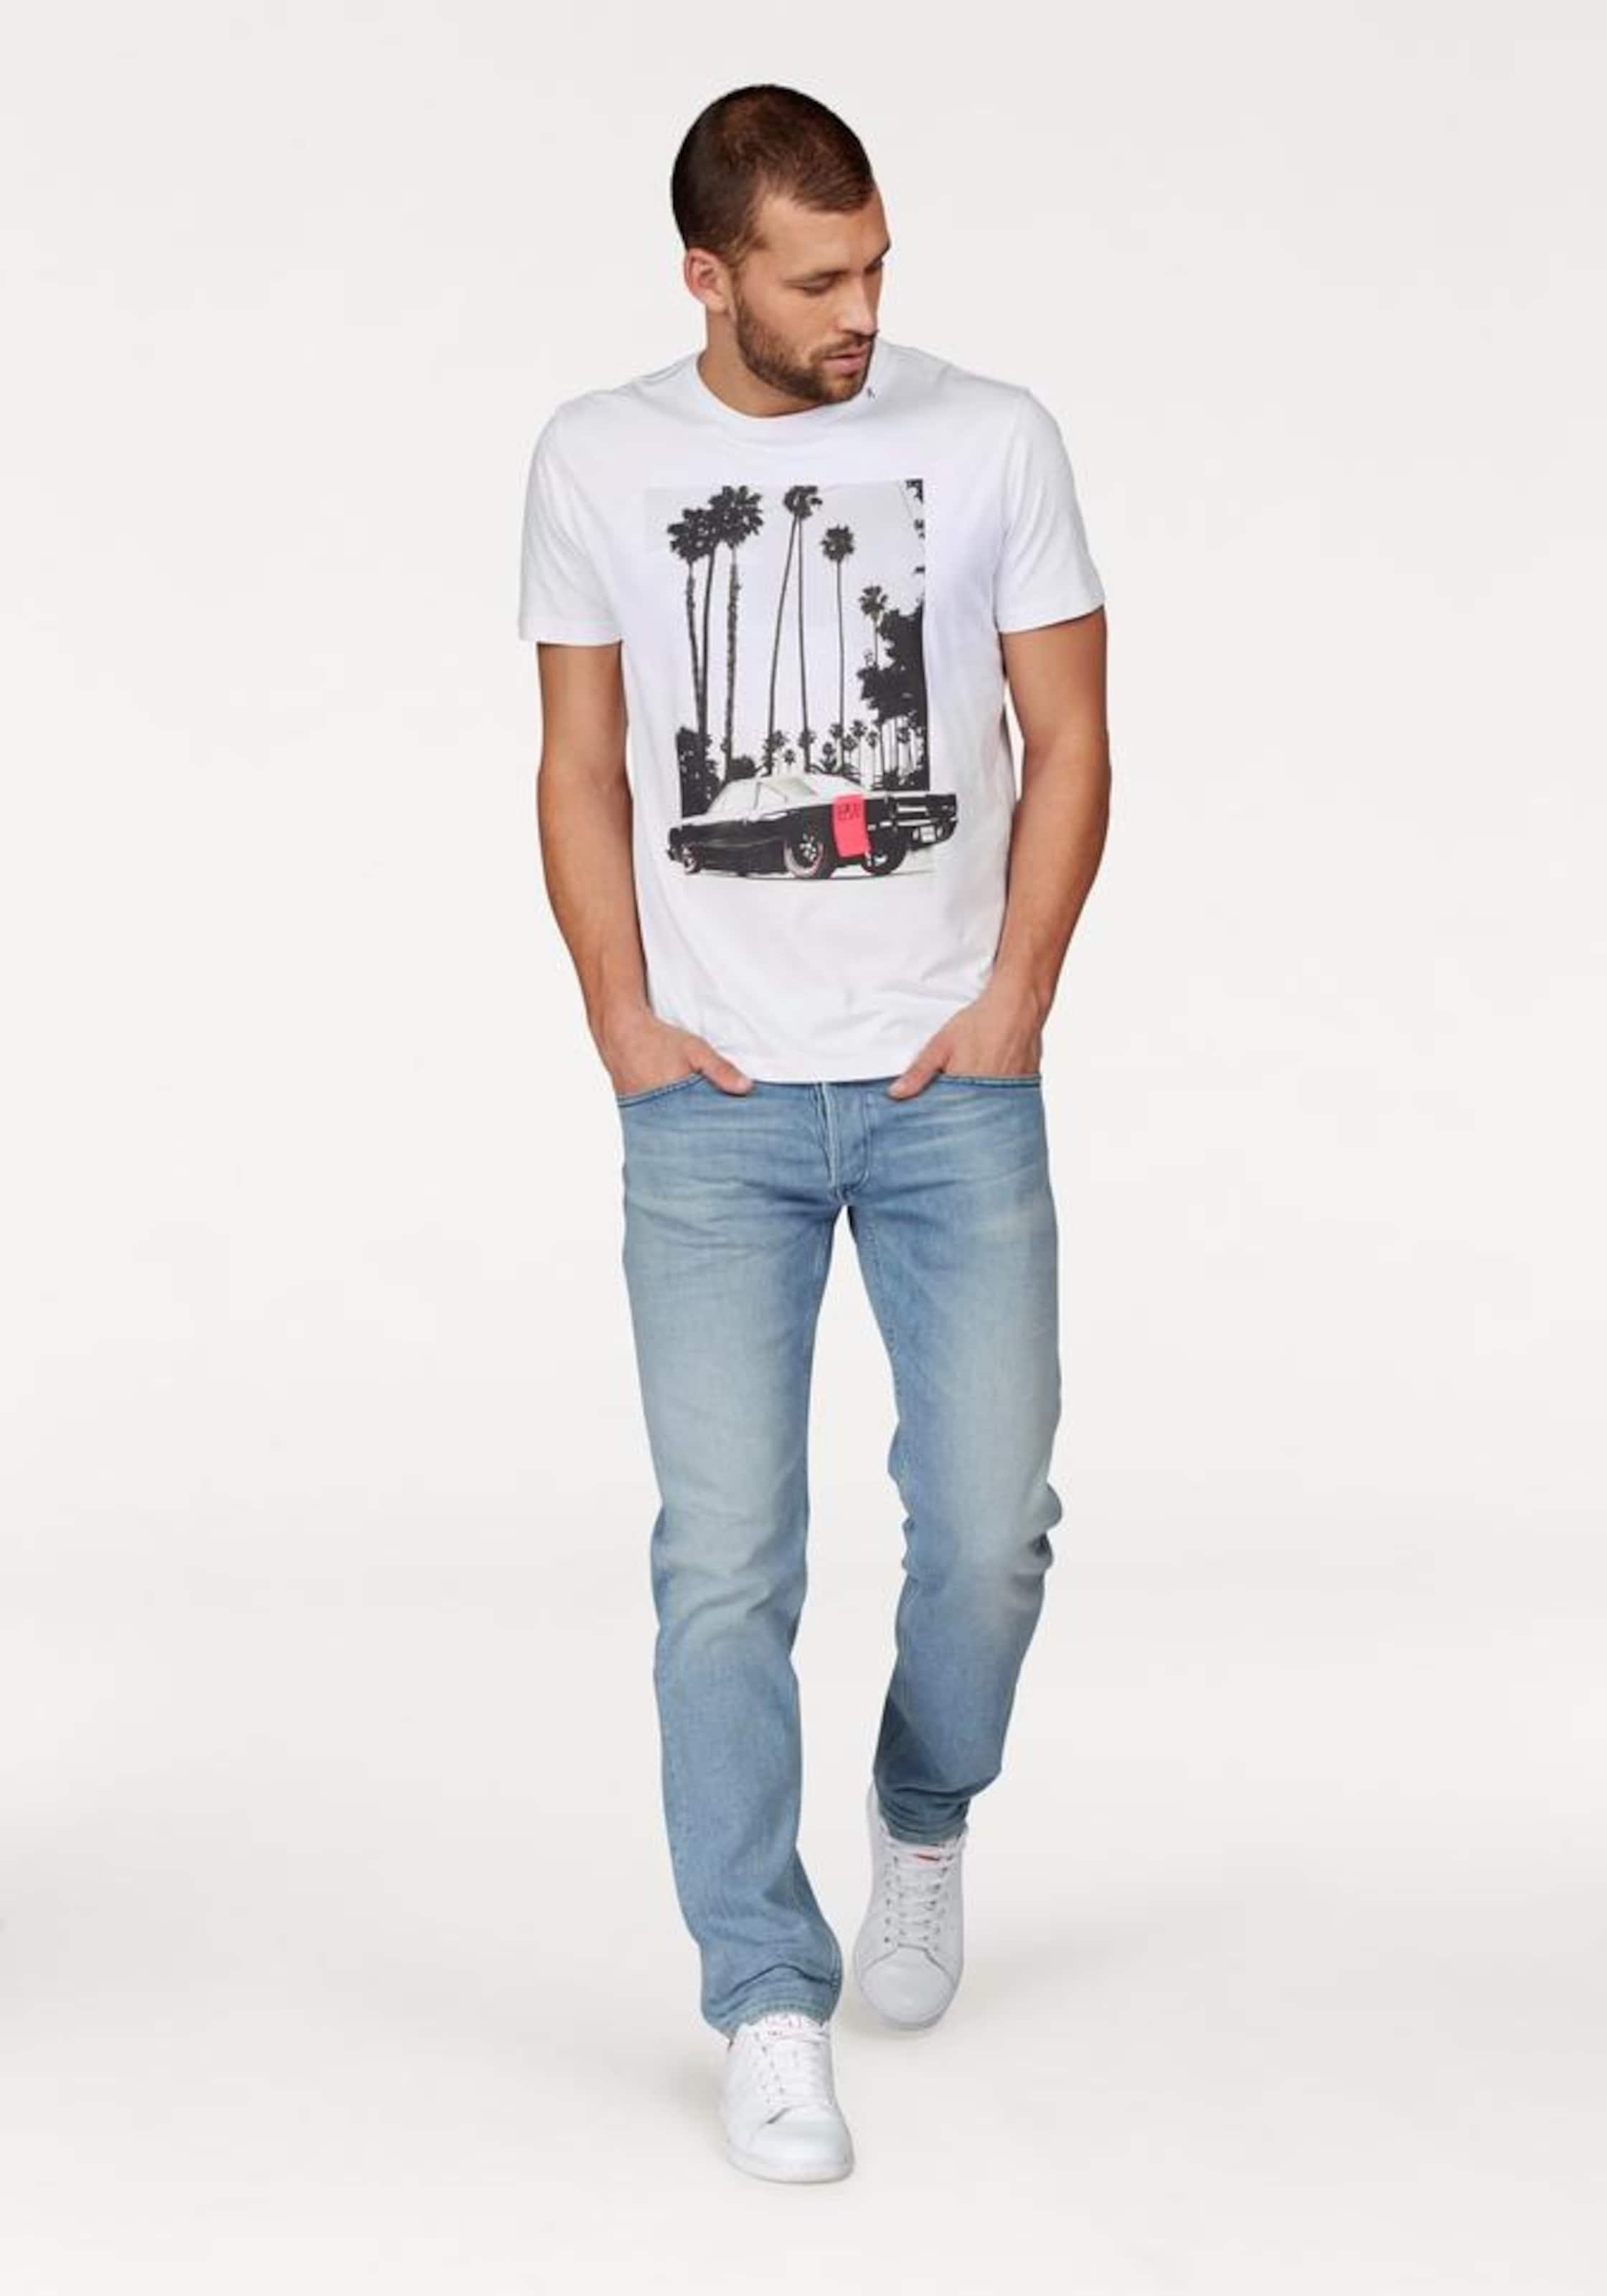 Rabatt Geniue Händler Steckdose Modische REPLAY Straight-Jeans 'Grover' Steckdose Niedrigsten Preis Rabatt Beliebt xWaYZIGZ